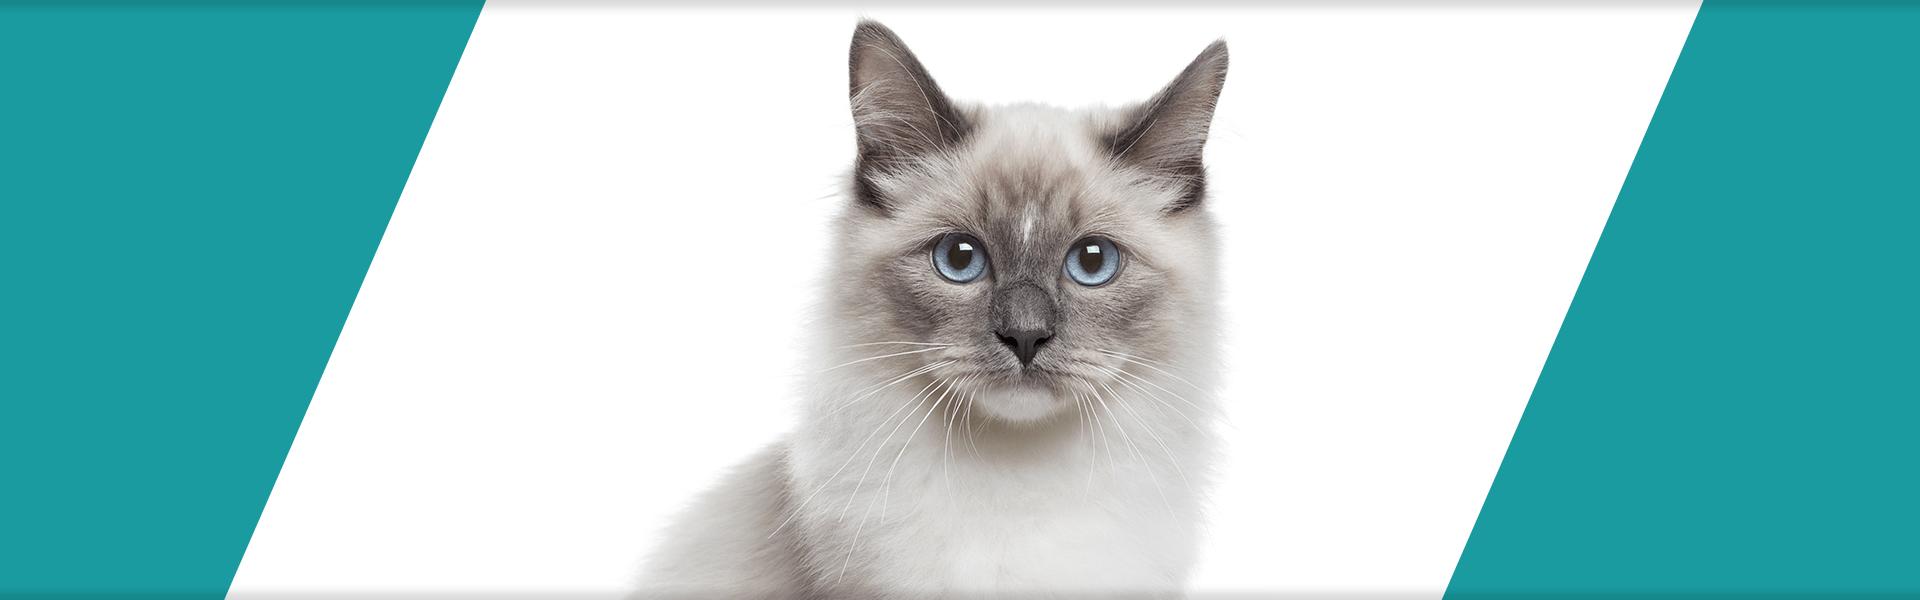 LEÓN pet food header bocconi gatto